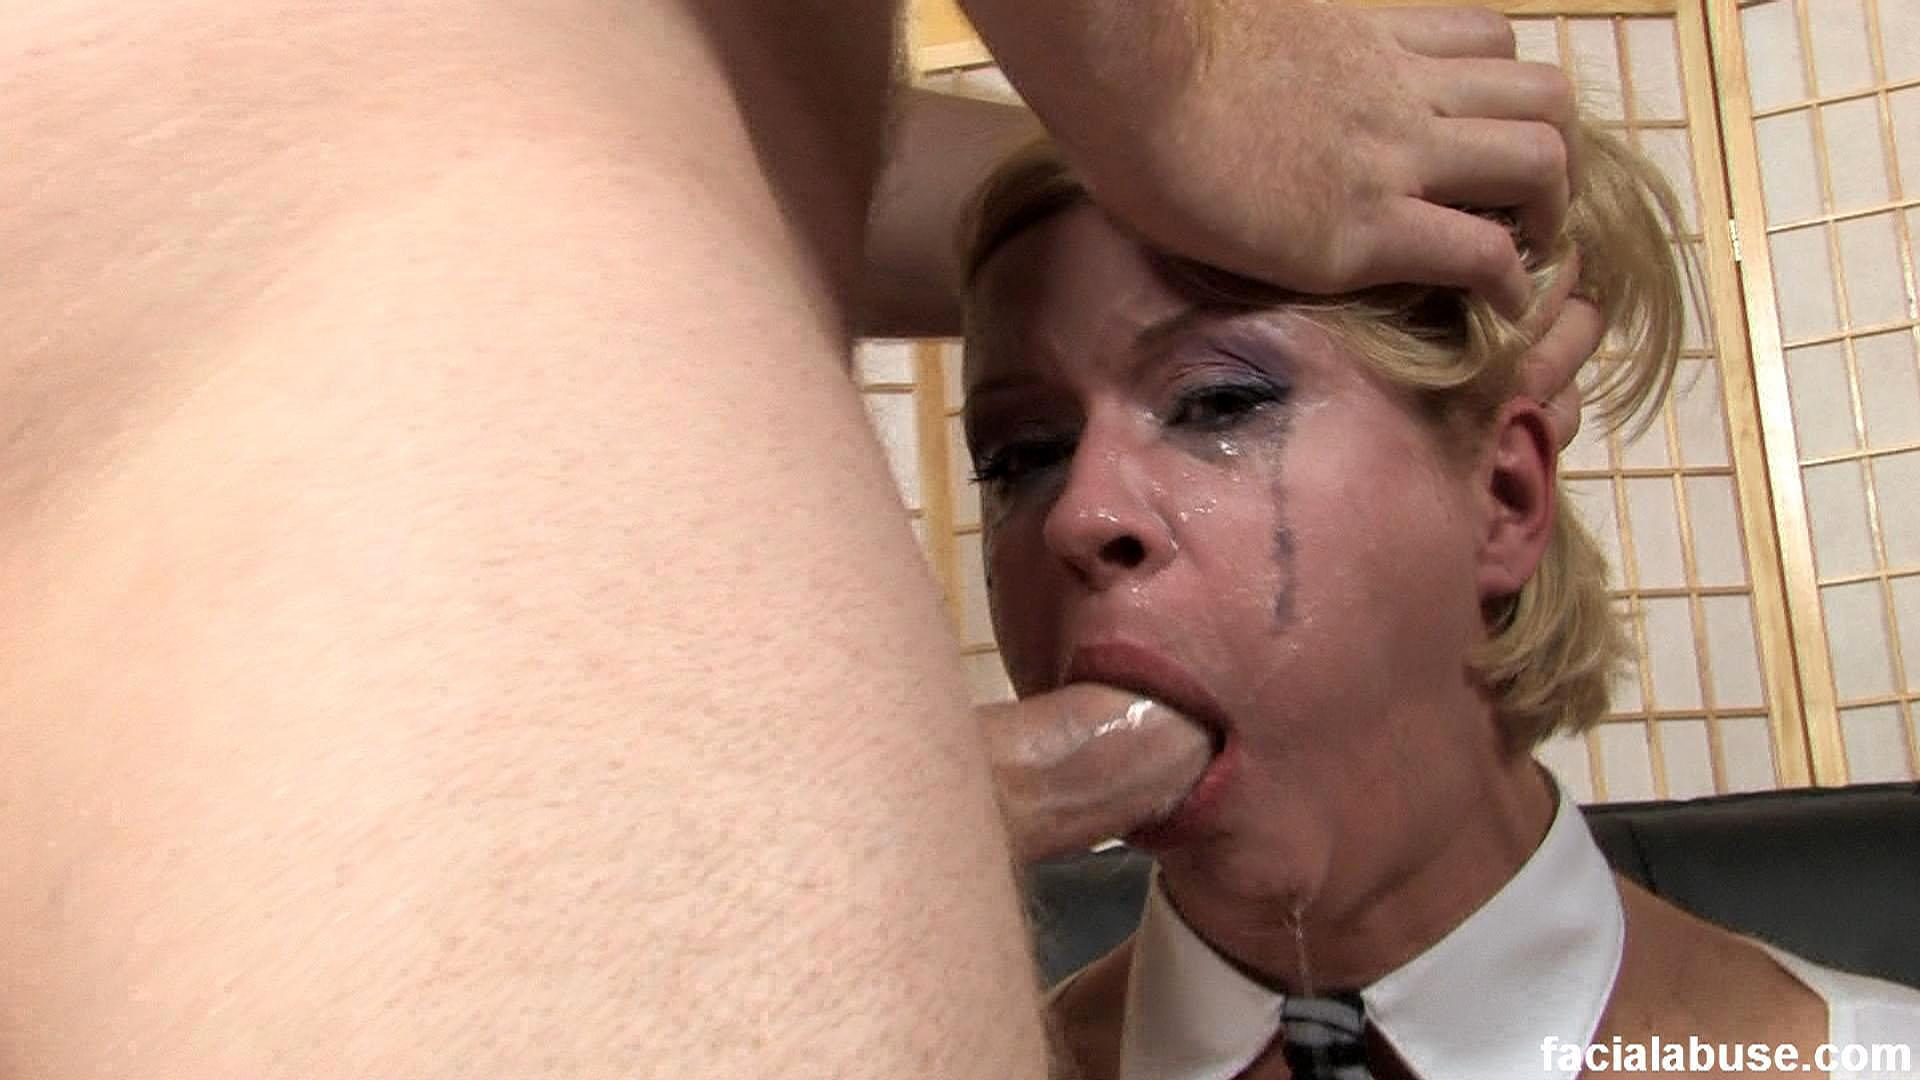 facial abuse aaralyn